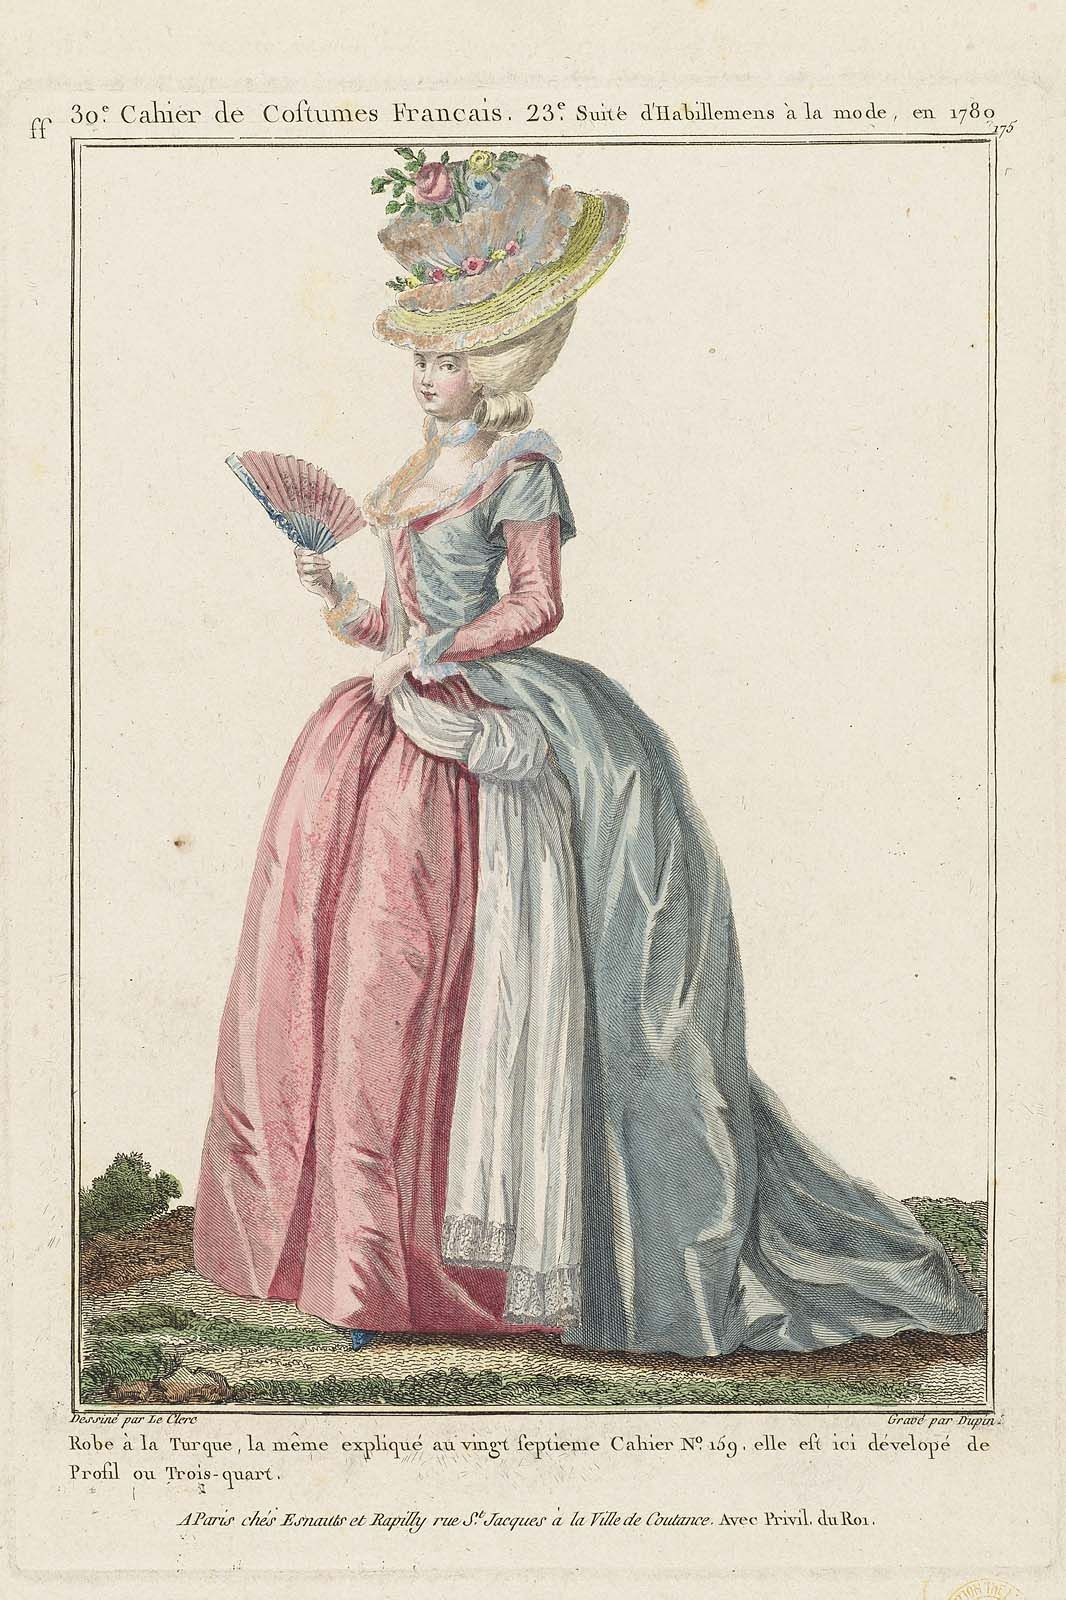 Robe à la Turque, la même expliqué au vingt septieme Cahier No. 159, elle est dévelopé de Profil ou Trois-quart.